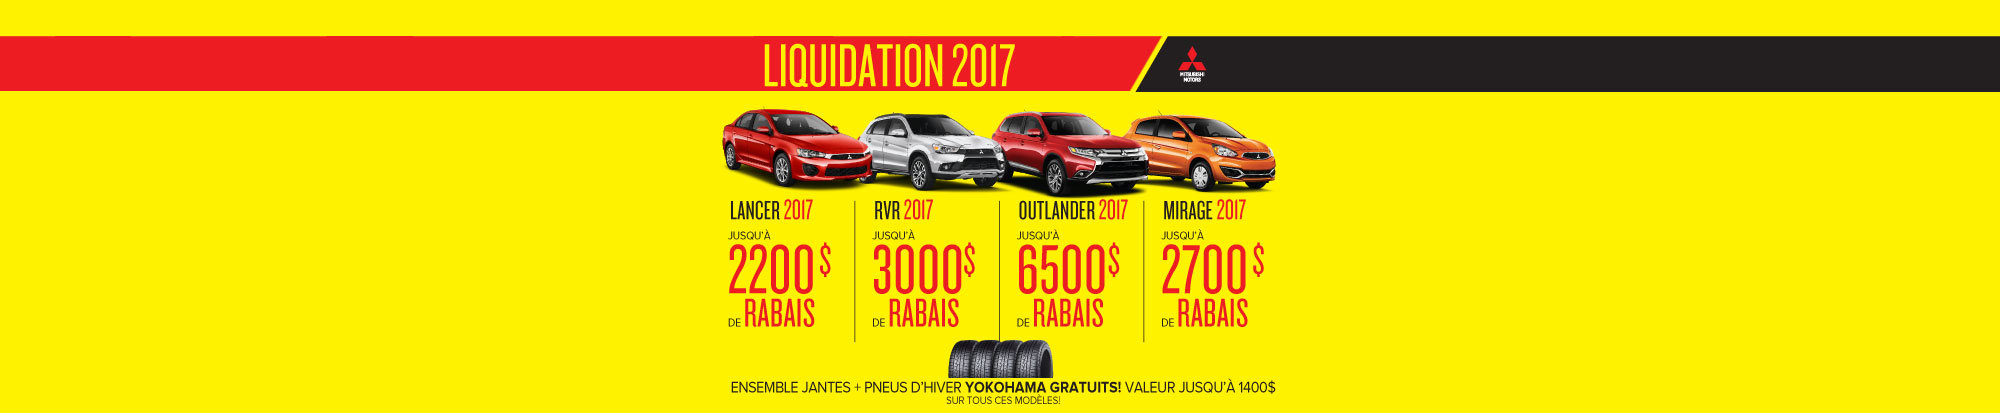 Liquidation 2017 web